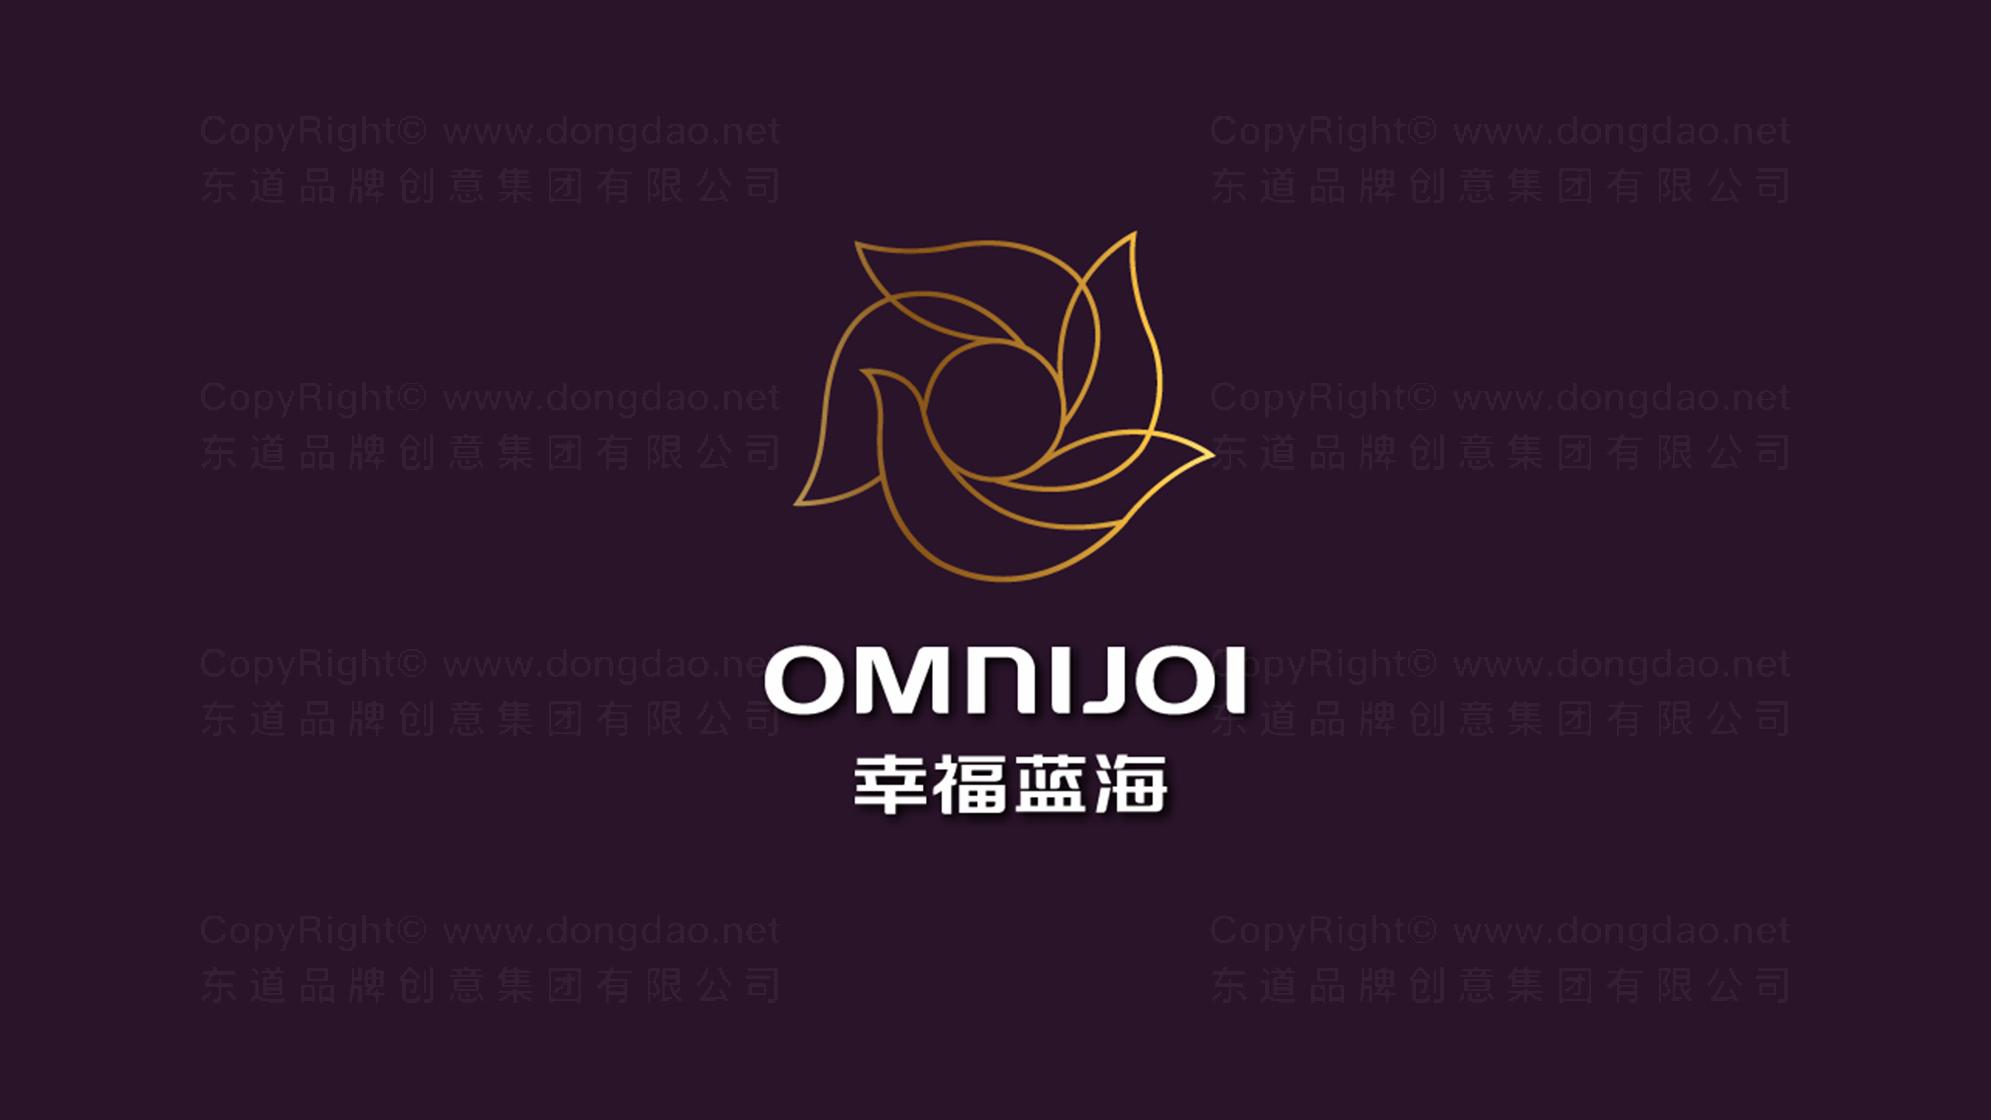 影视公司logo设计应用